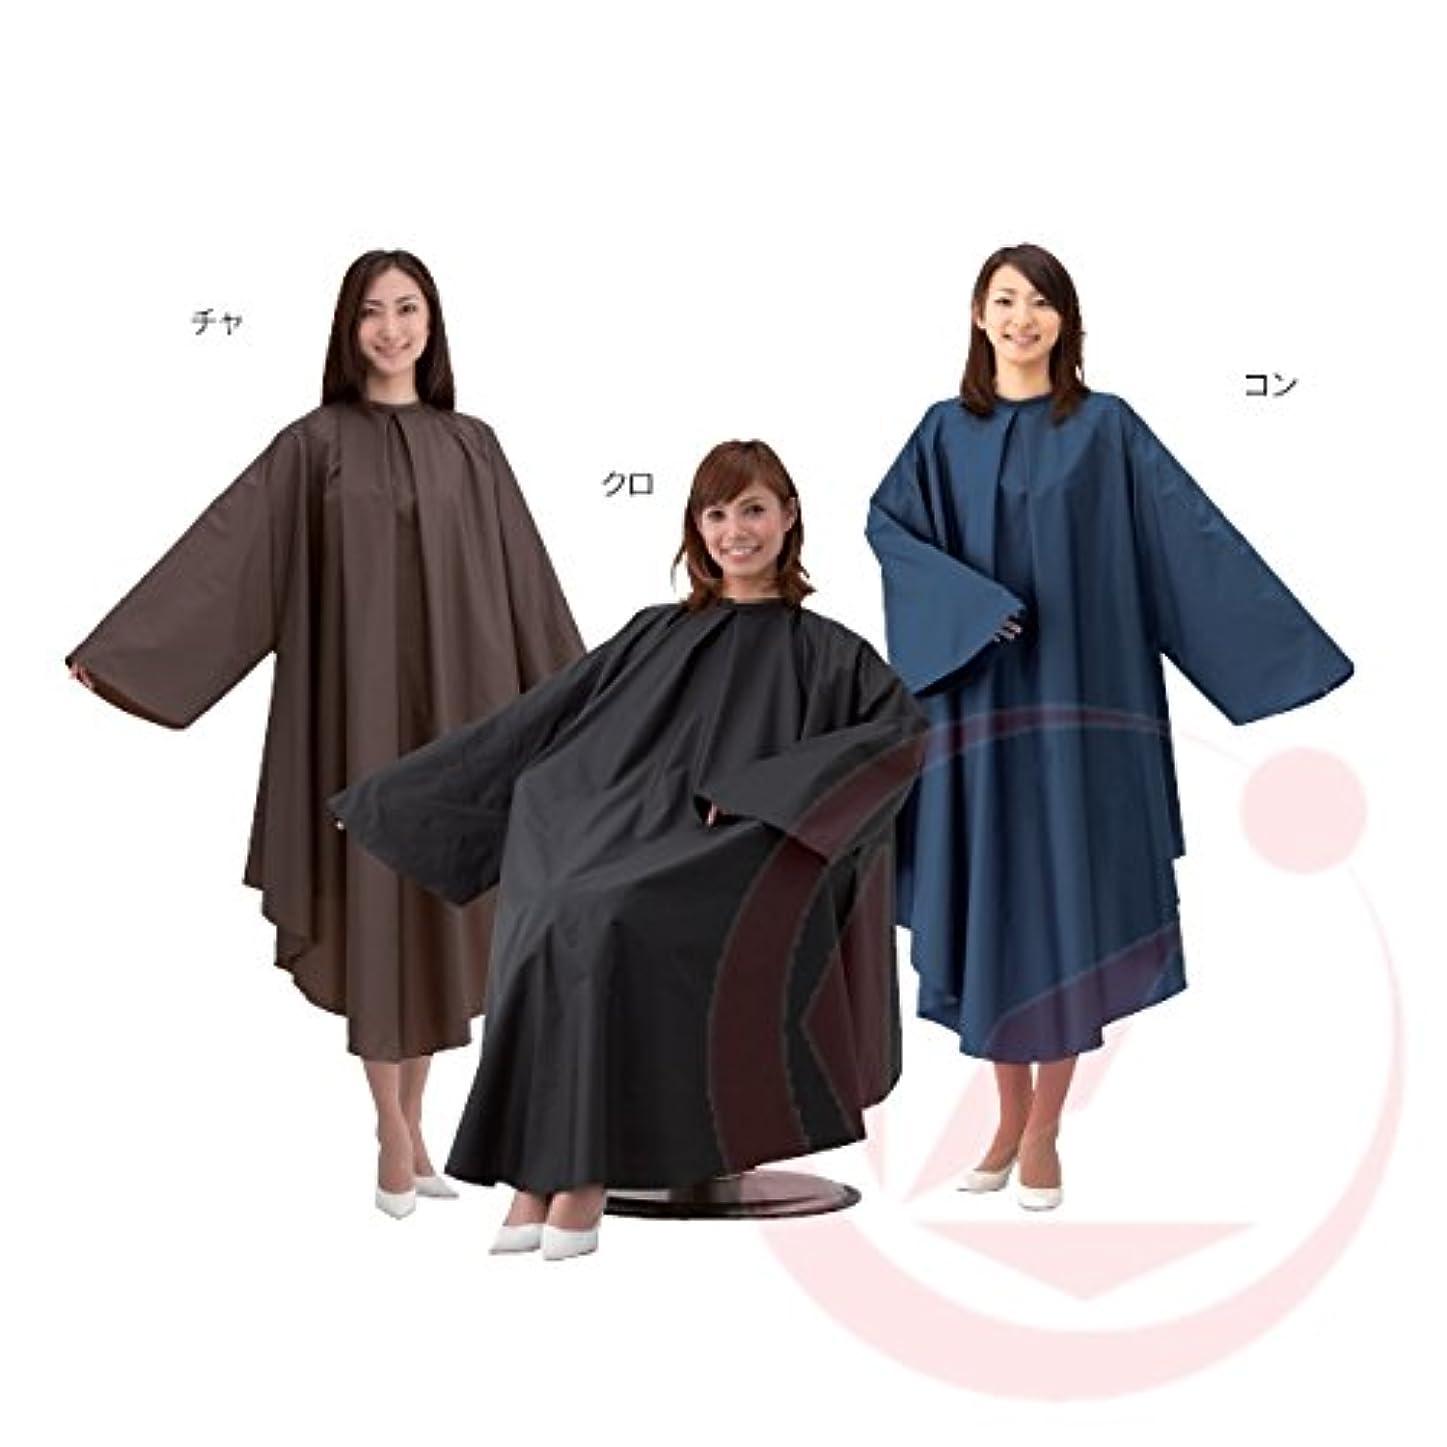 ピケ簡単にマングルカトレア袖付高密度ナイロンヘアダイクロス1080(ヘアダイ?パーマ用) 黒色